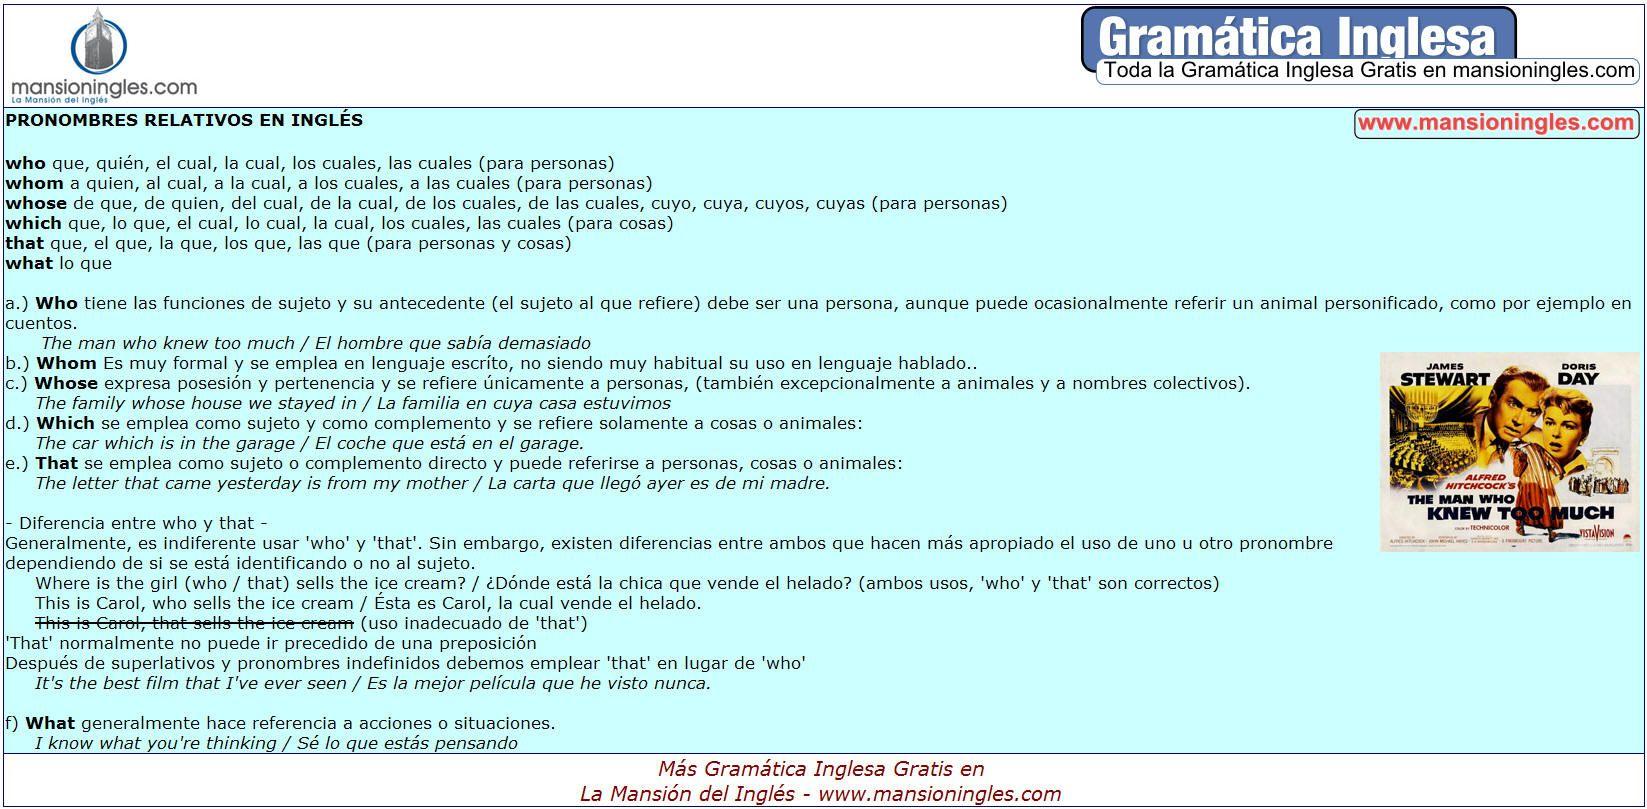 Gramática Inglesa Pronombres Relativos En Inglés Gramática Inglesa Gramática Ingles